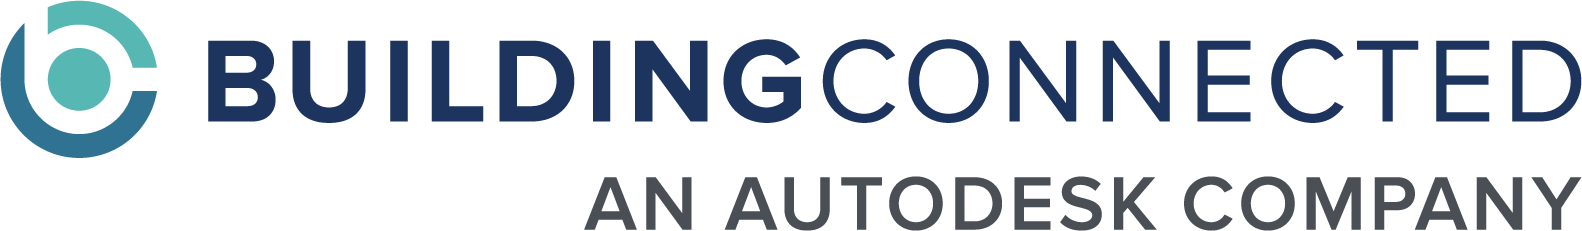 BC-AD_logo_FullColor_CMYK.png